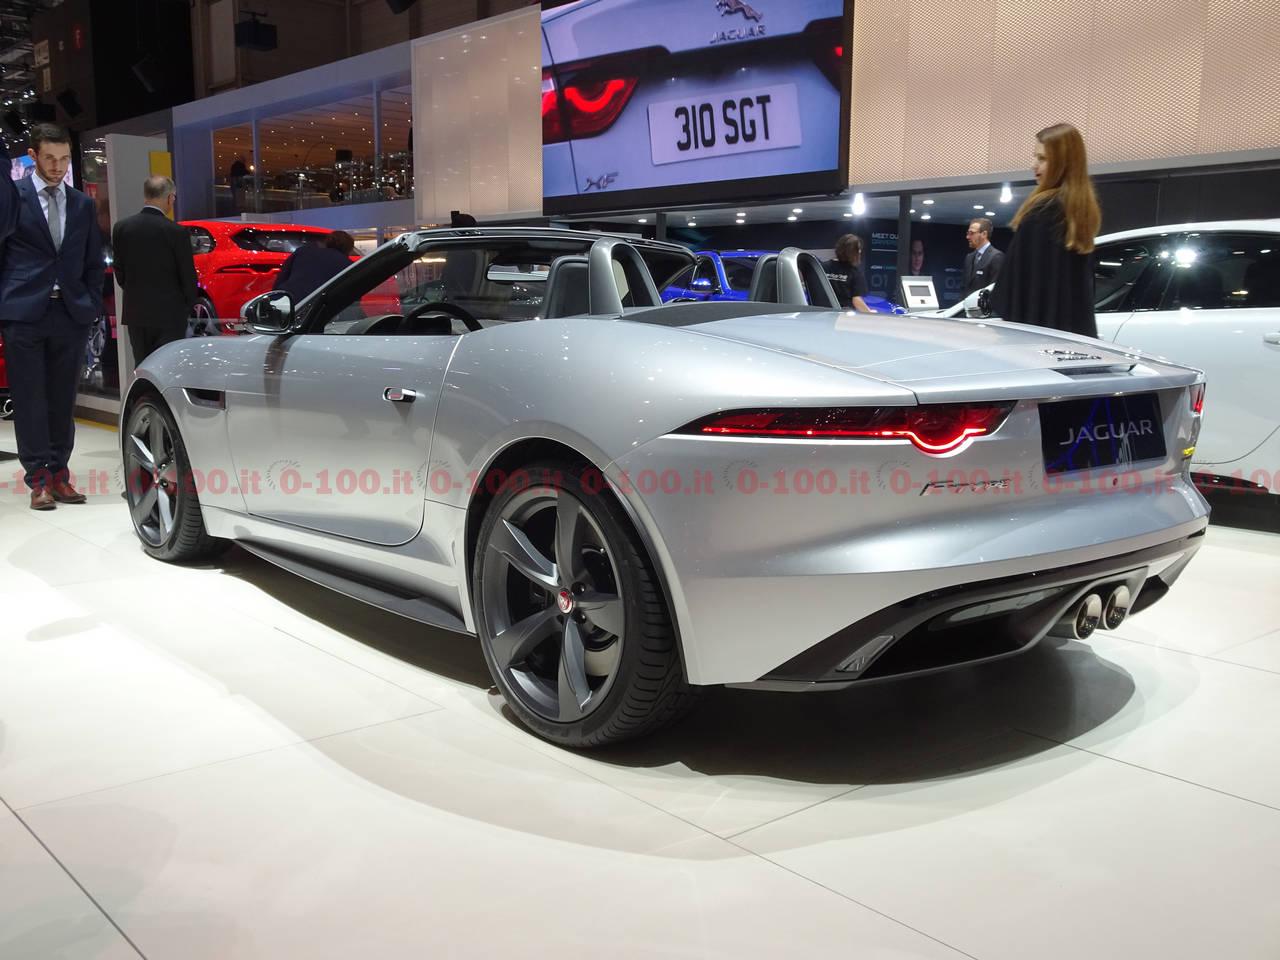 geneva-geneve-ginevra-2017-salone-auto-show_jaguar-f-type-sport-400_0-100_4